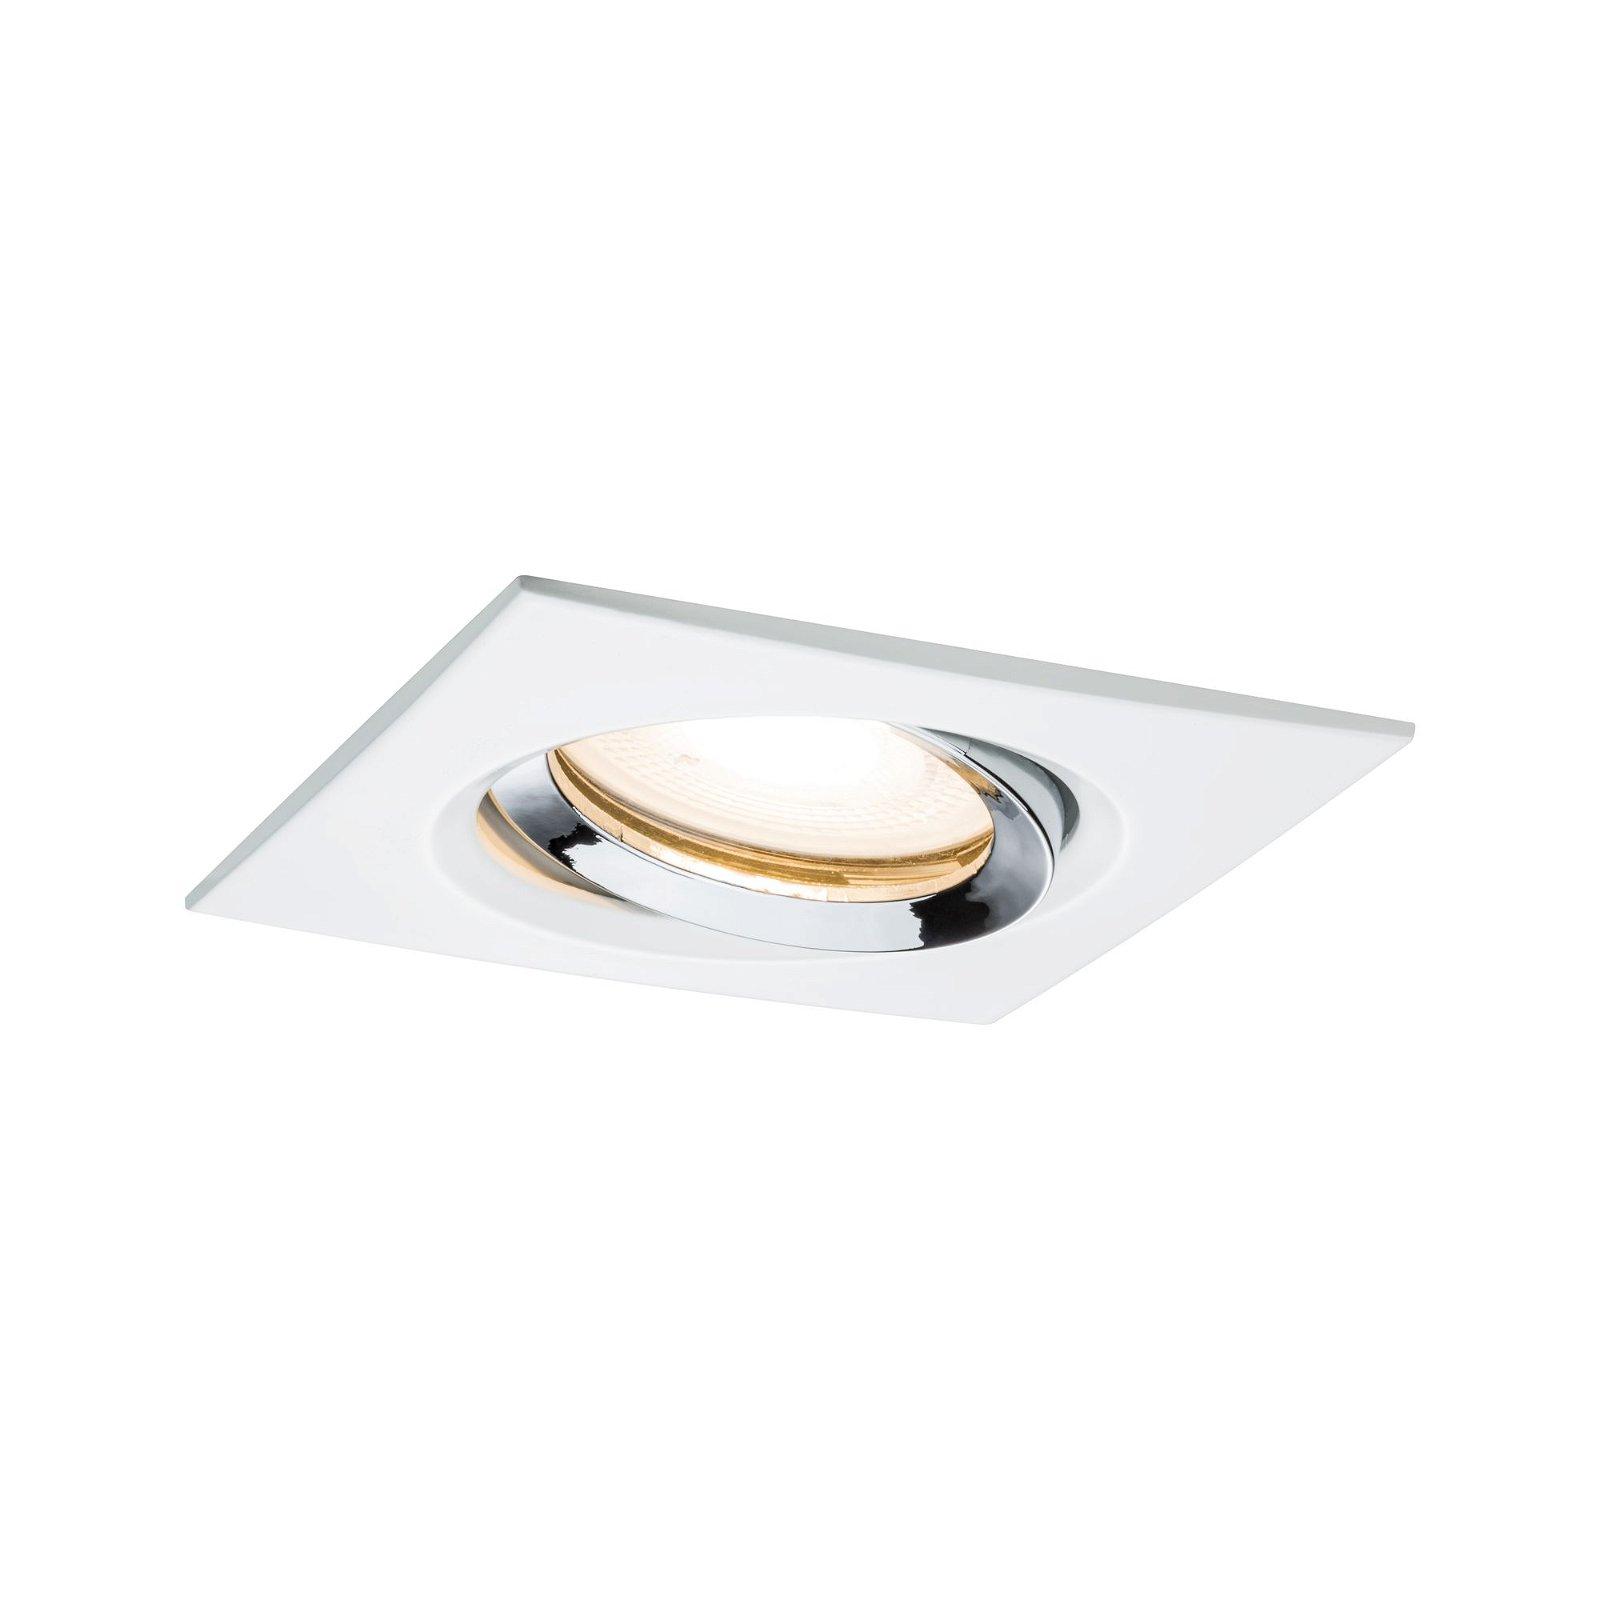 Spot encastré LED Nova Plus orientable IP65 carré 93x93mm 30° GU10 max. 35W 230V 2700K Blanc dépoli/Chrome